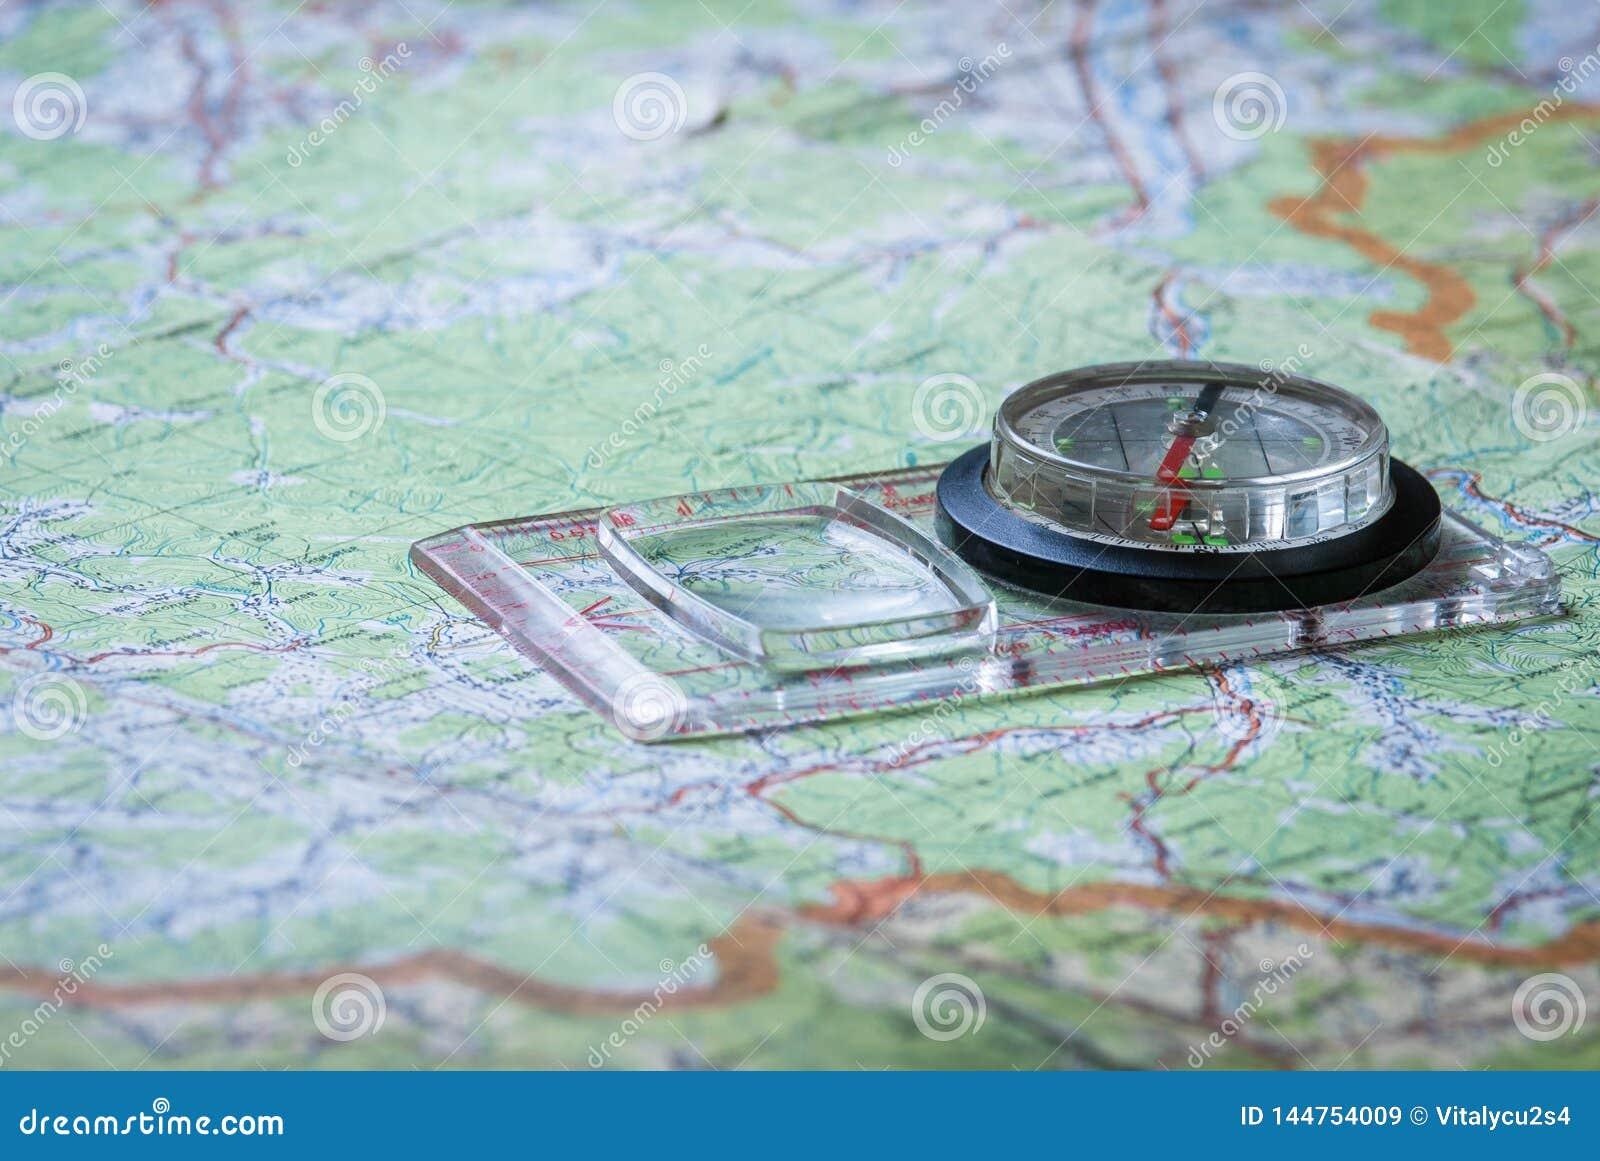 Orienteering con el mapa y el compás